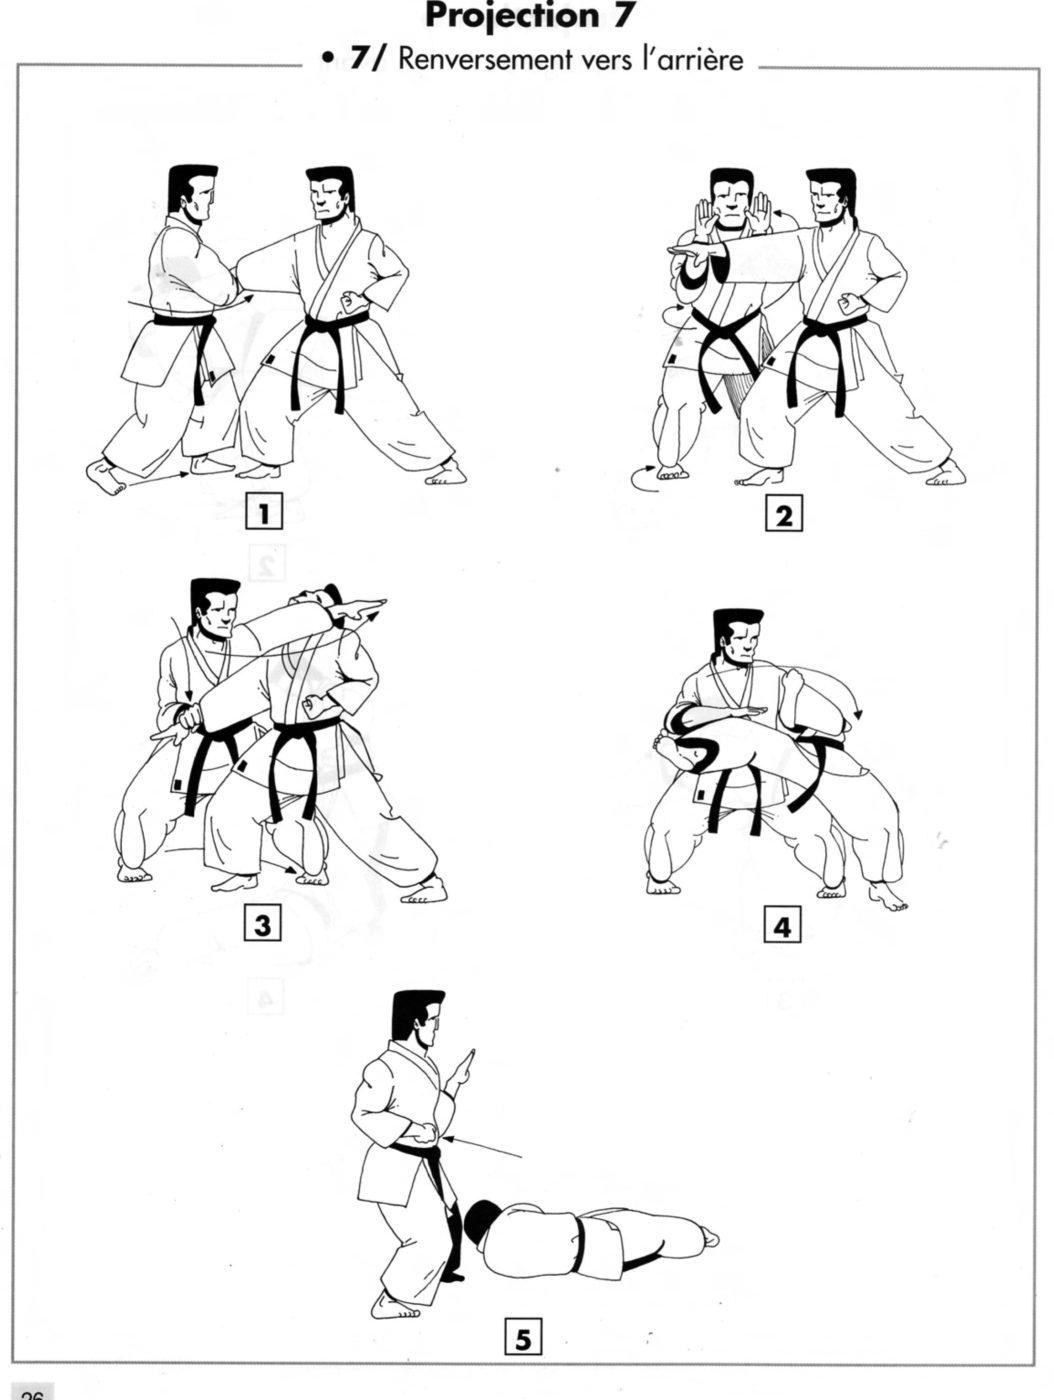 Projection : ushiro goshi – renversement vers l'arrière